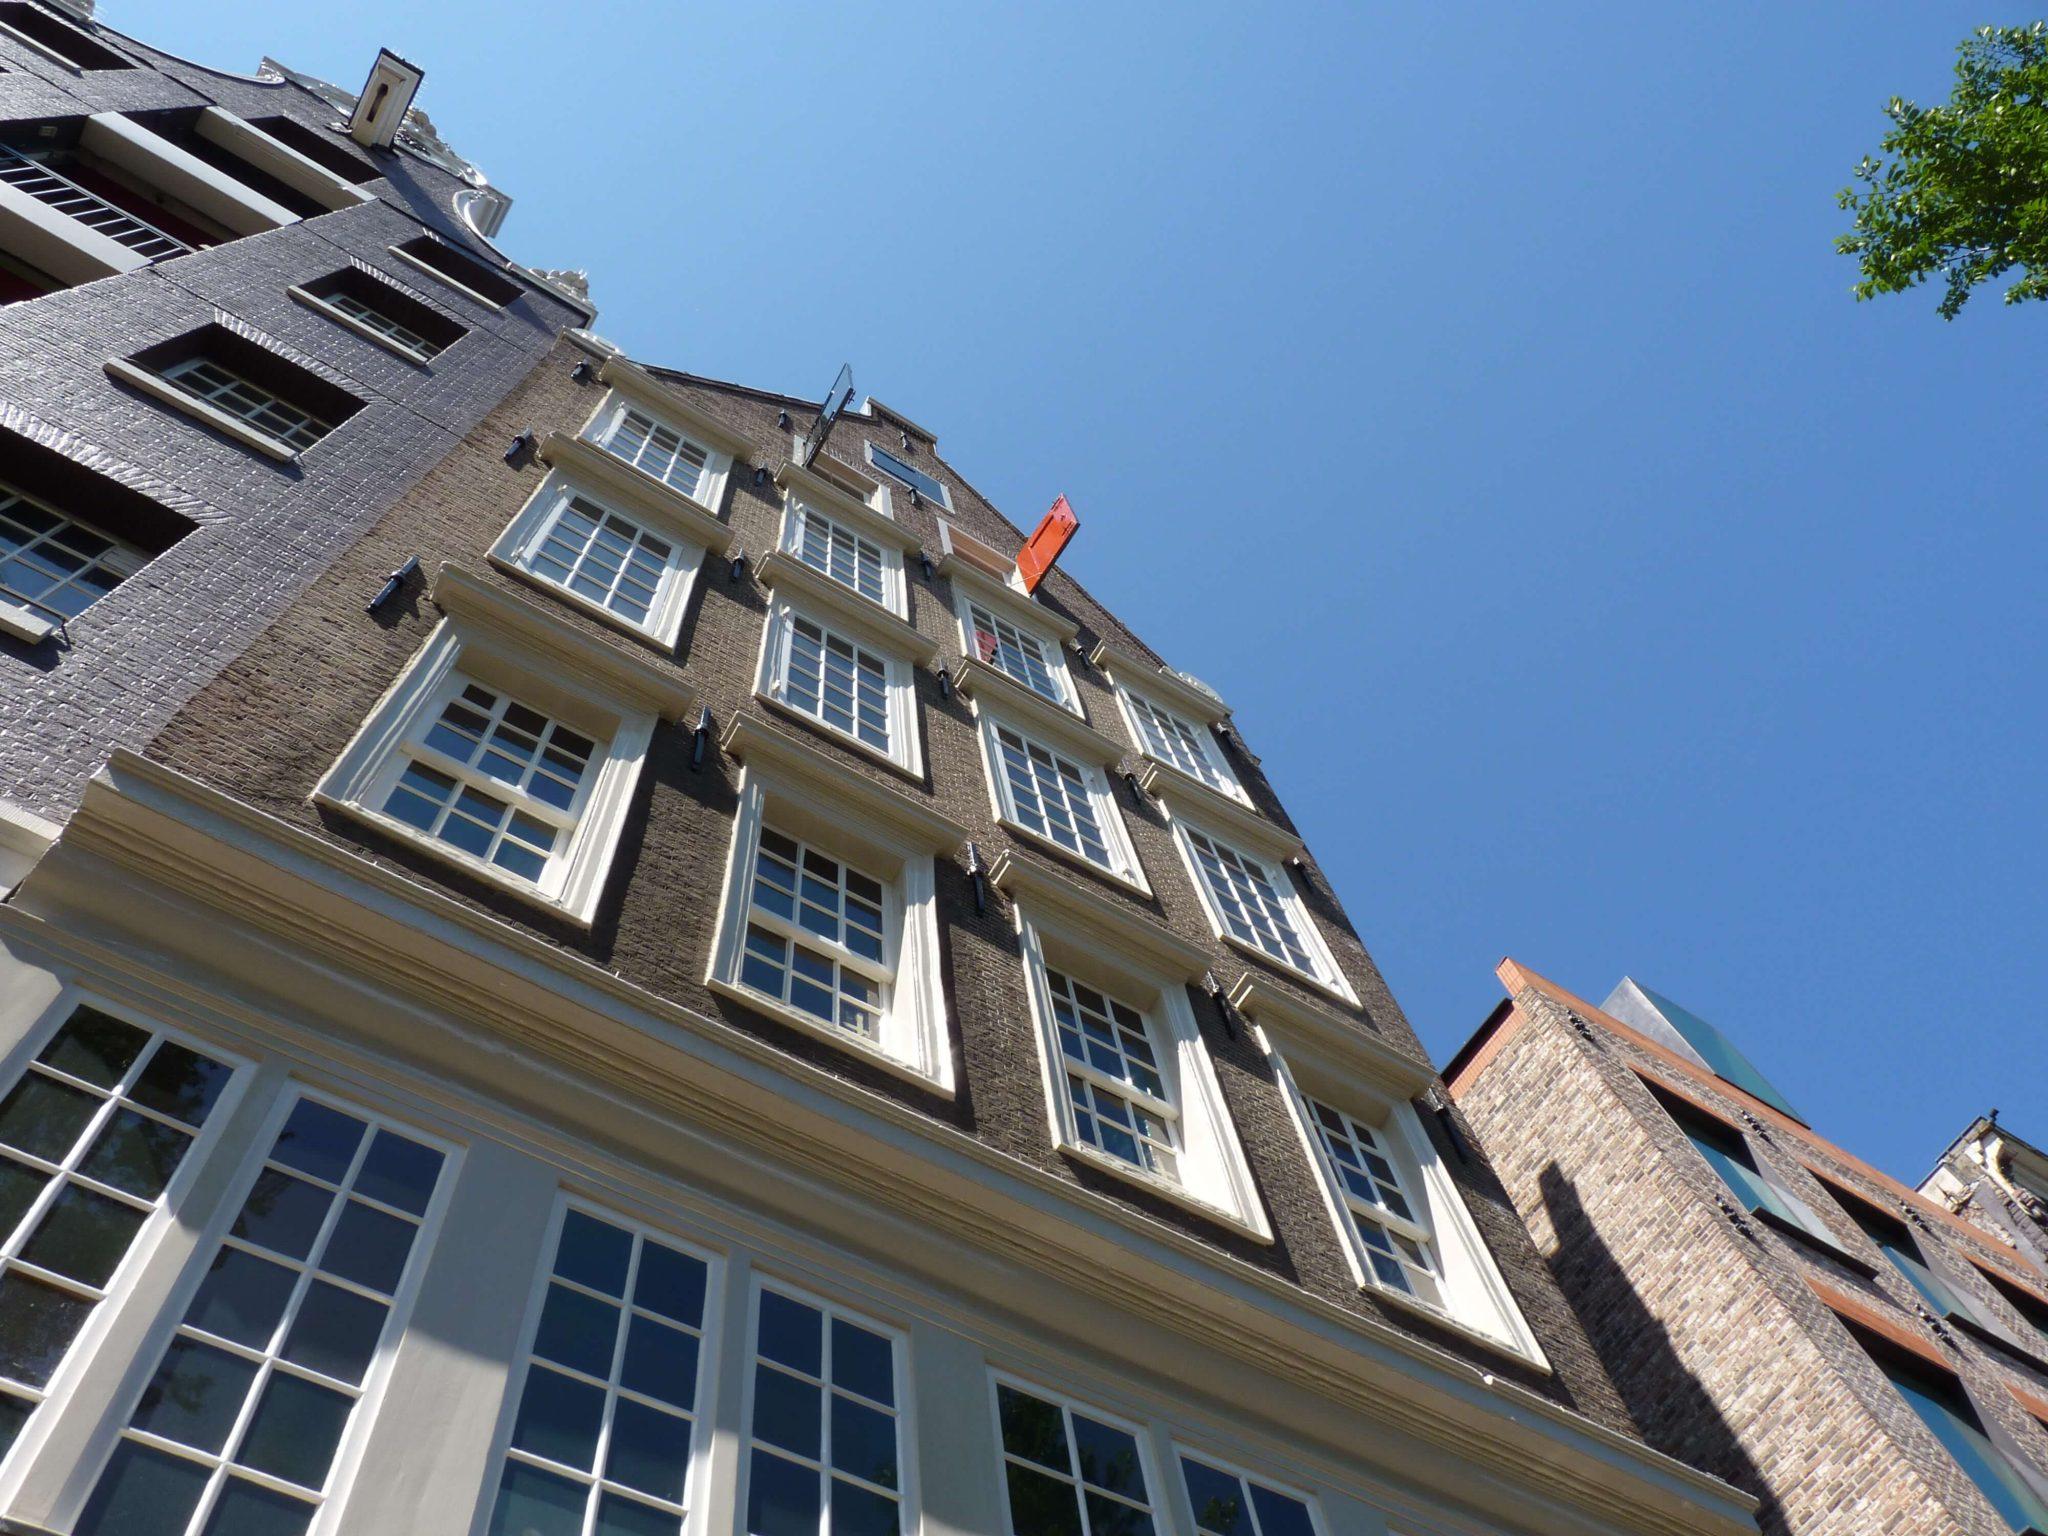 Igreja de Nosso Senhor do Sótão fachada Amesterdão Países Baixos Mundo Indefinido